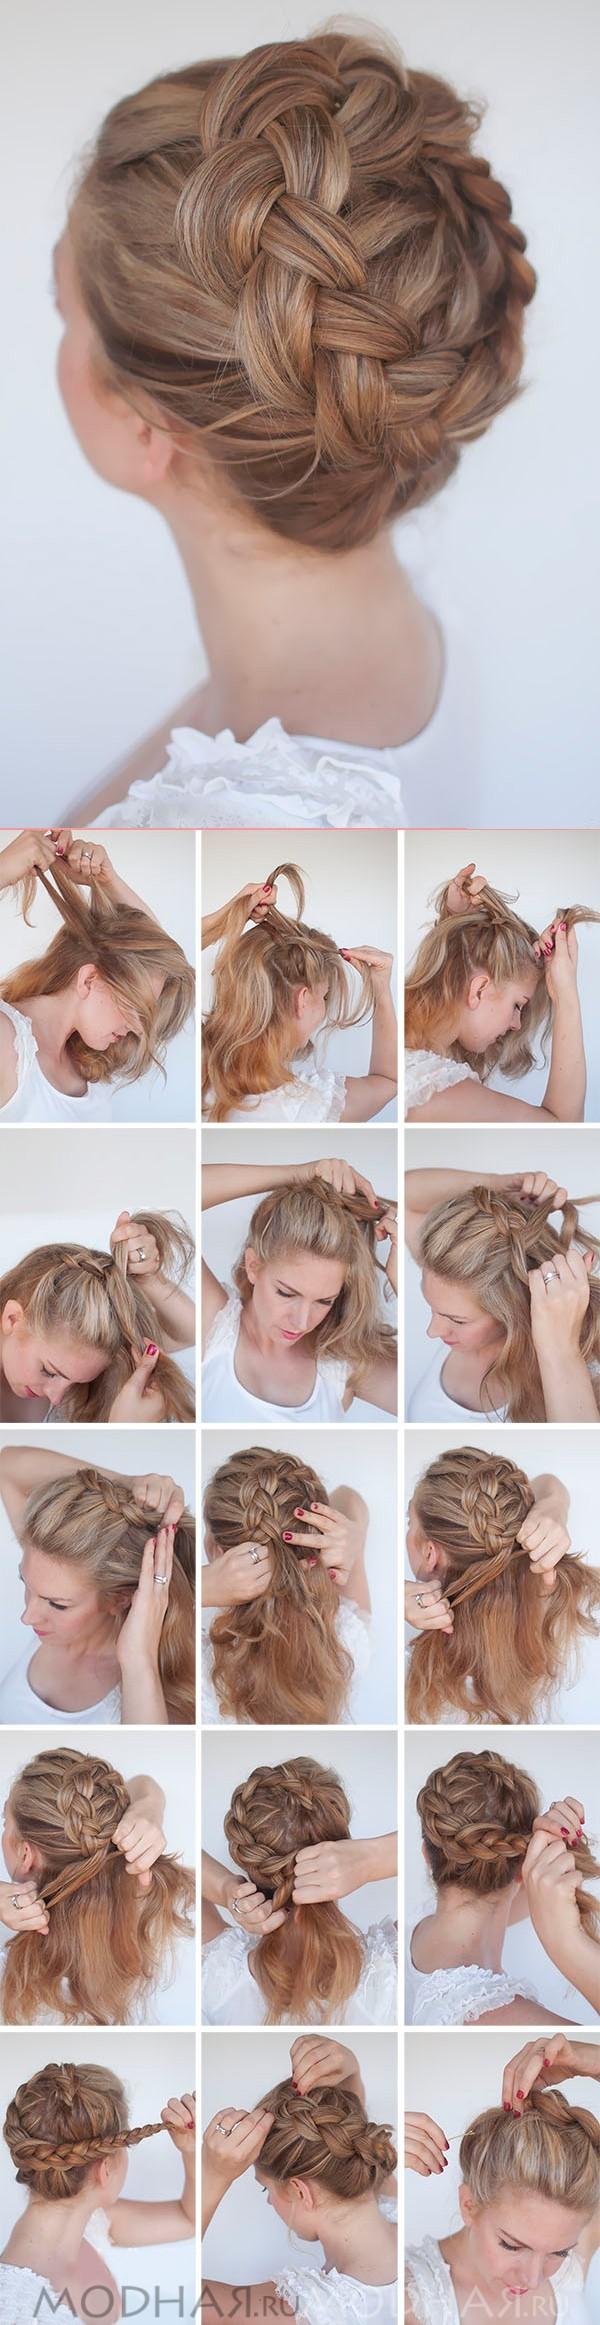 Причёски косички на средние волосы фото своими руками 98